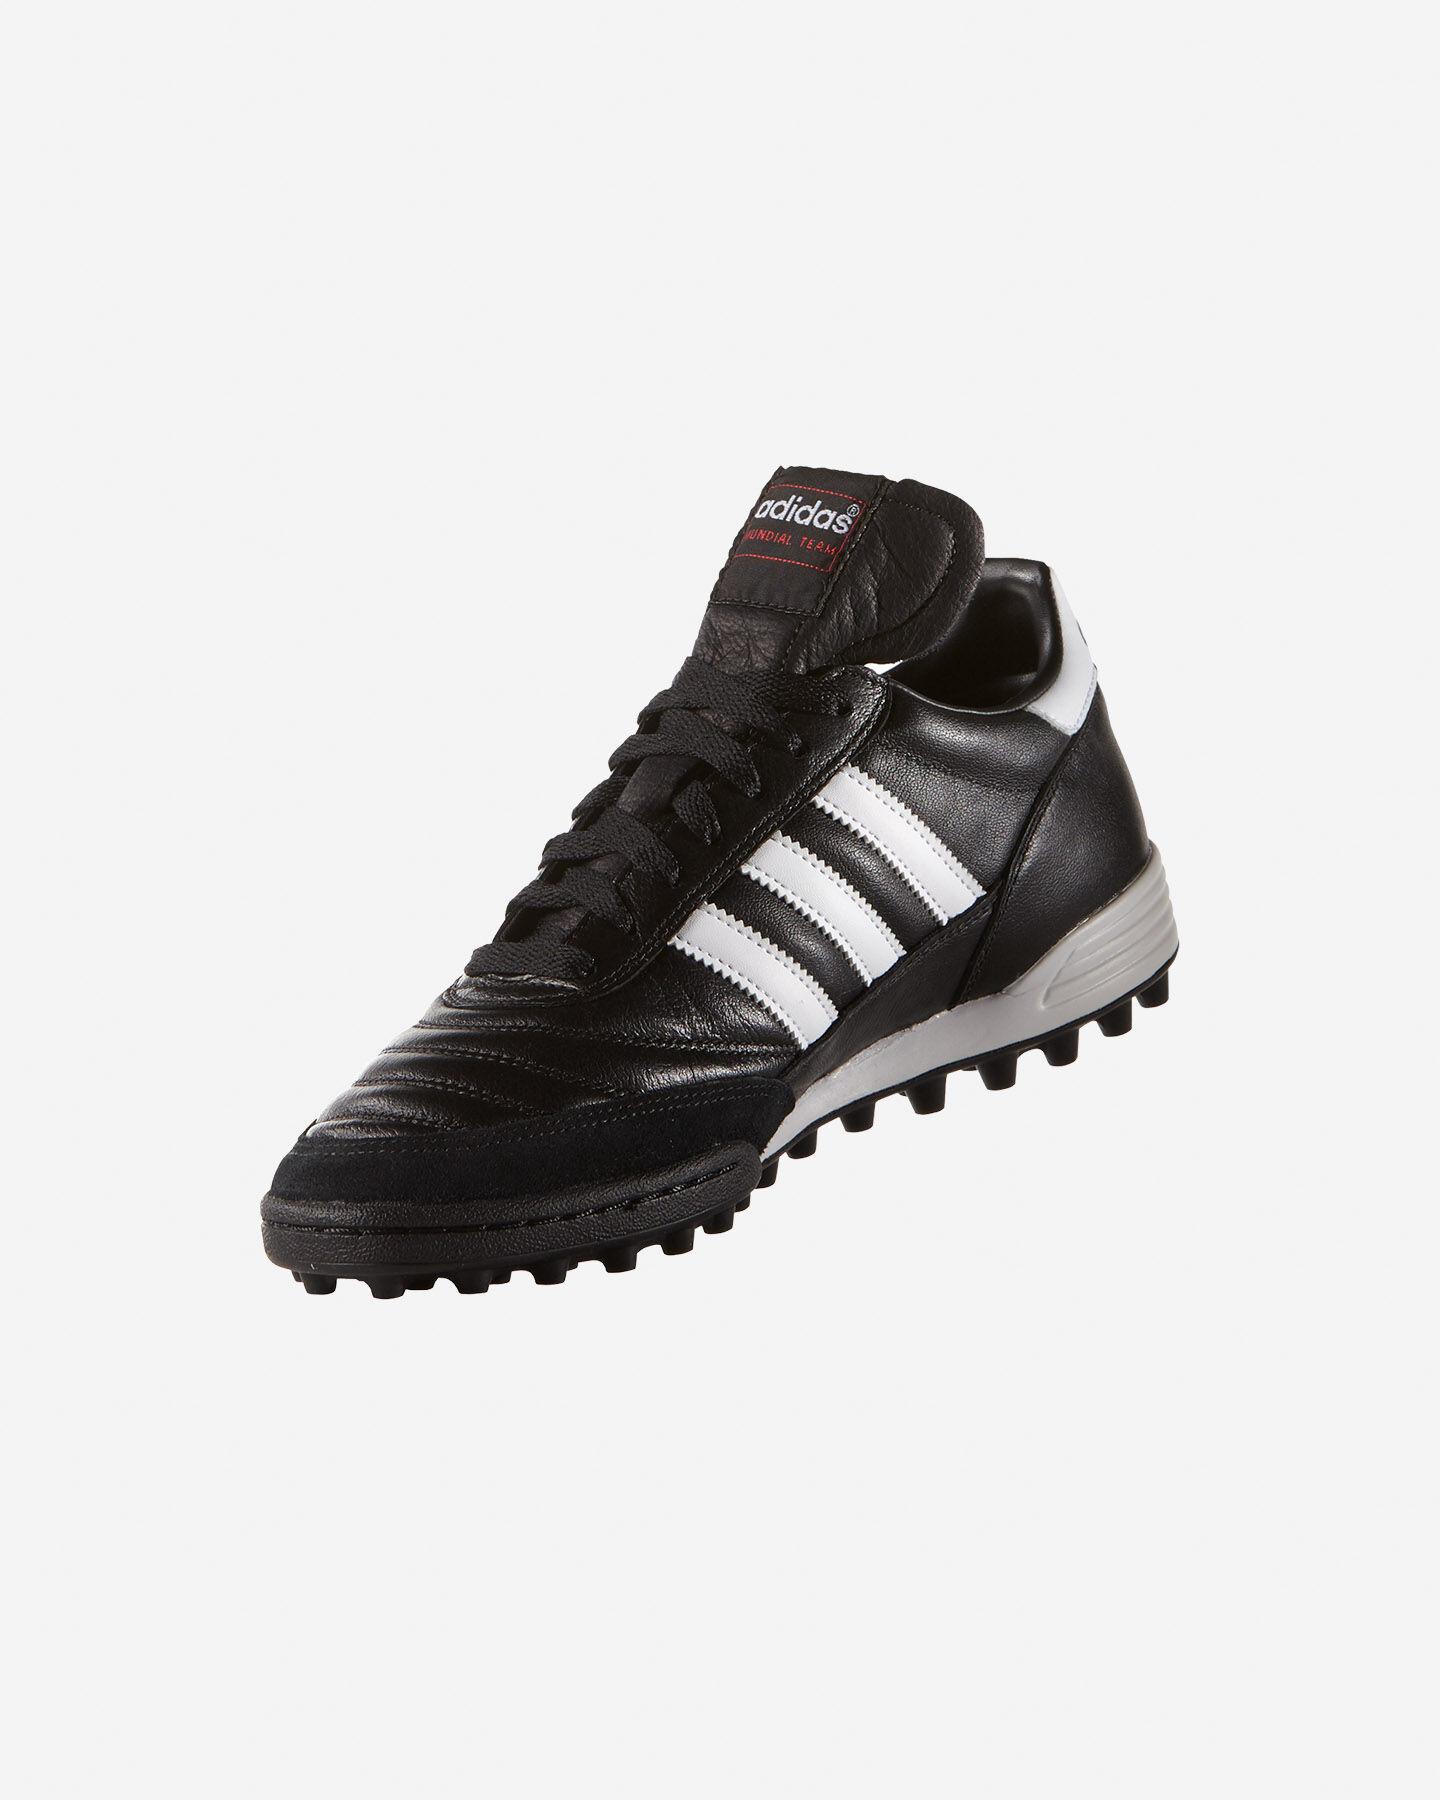 adidas mundial team scarpe da calcio unisex